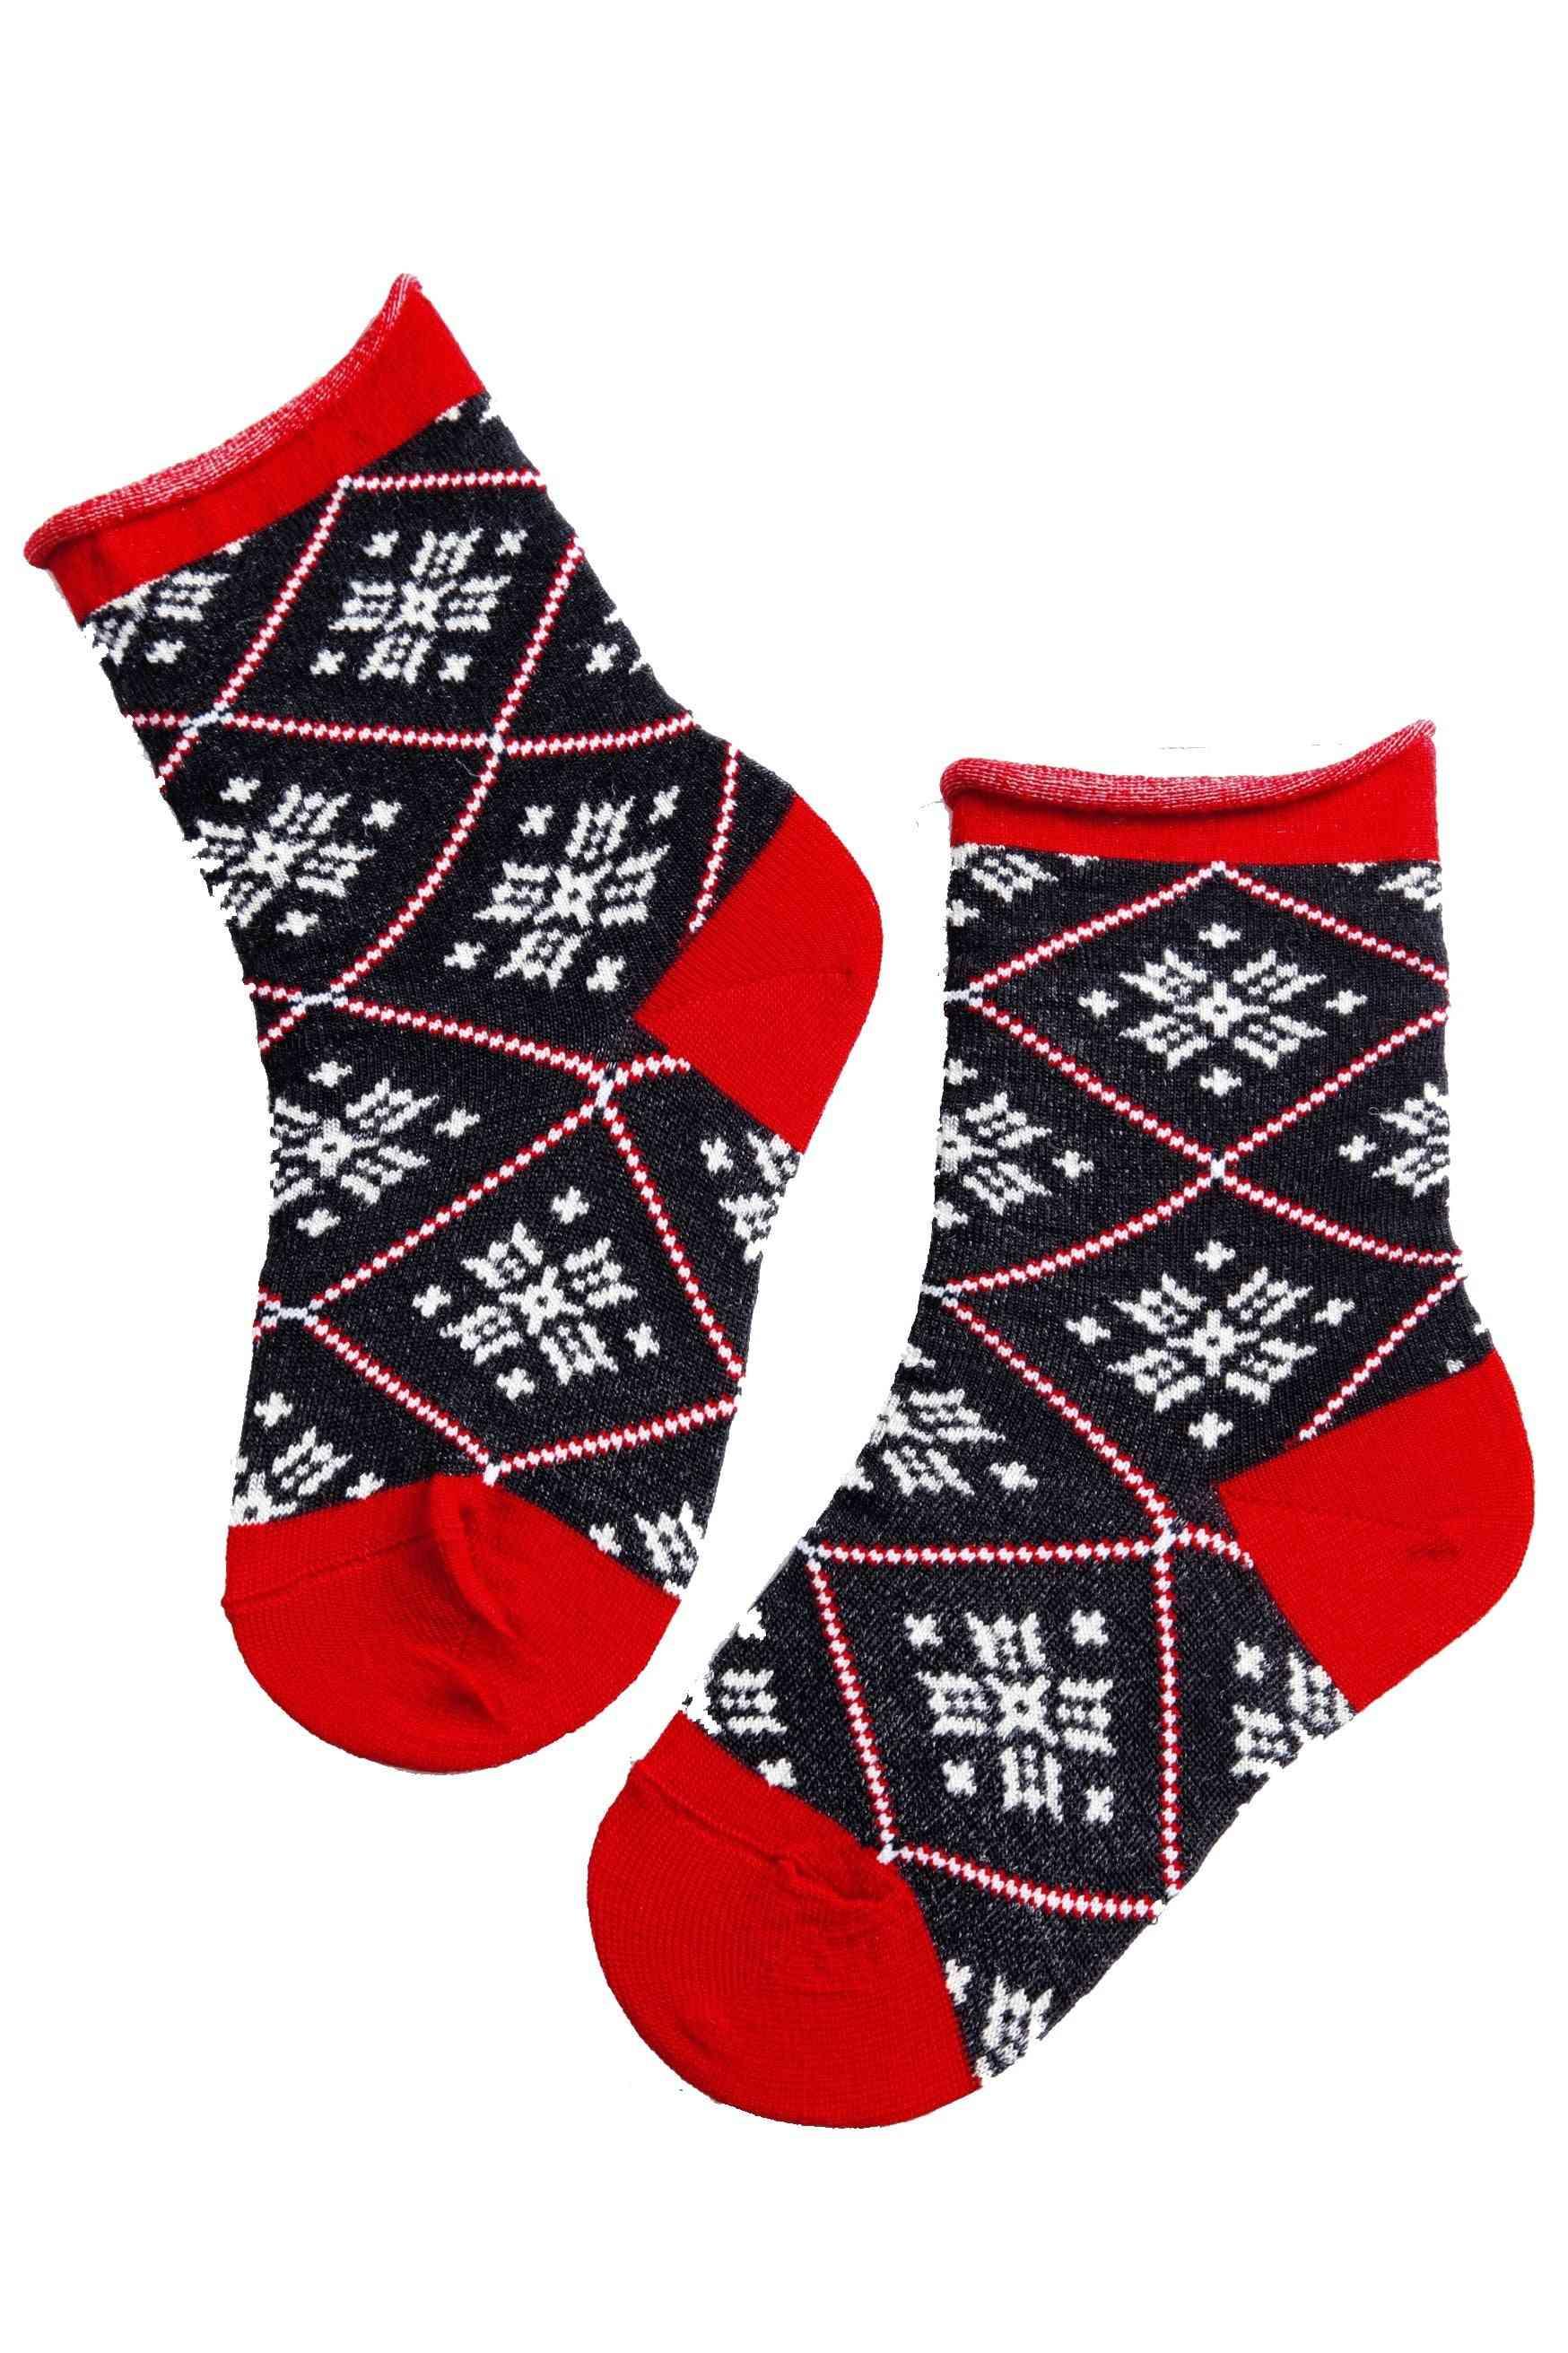 Warm Socks For Children